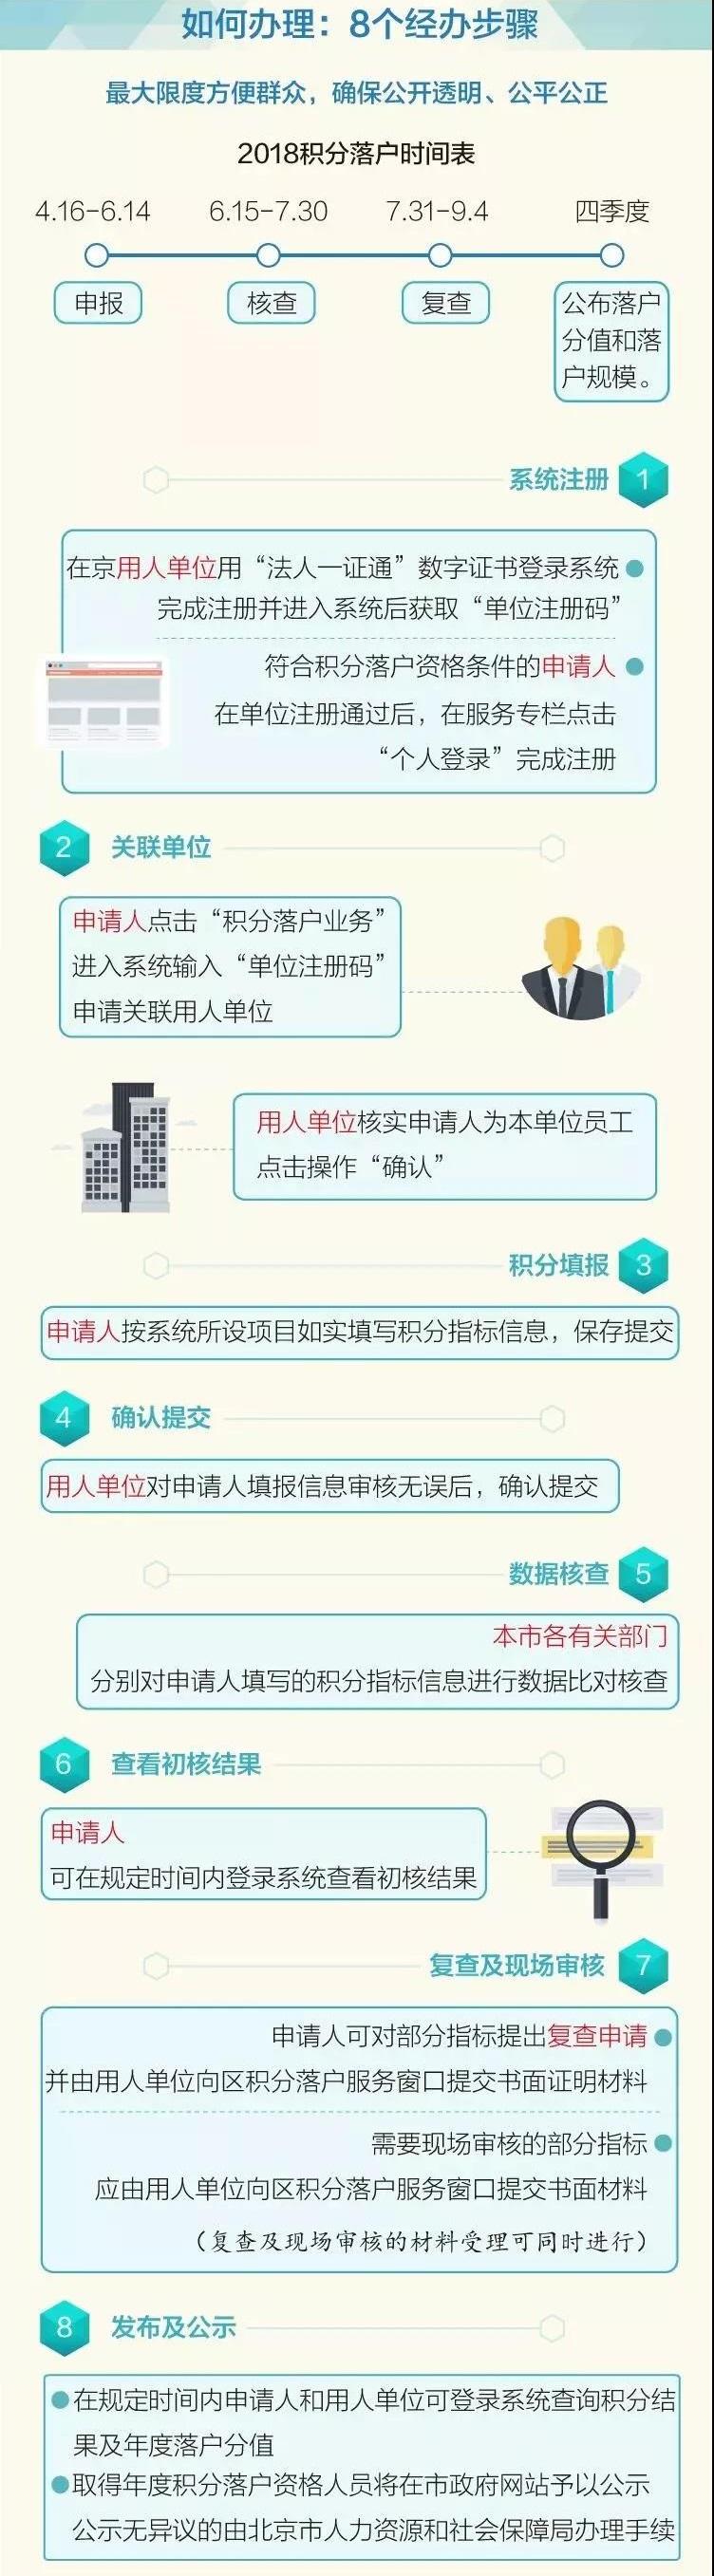 北京积分落户4月16日起接受申报 申报工作安排及申报入口